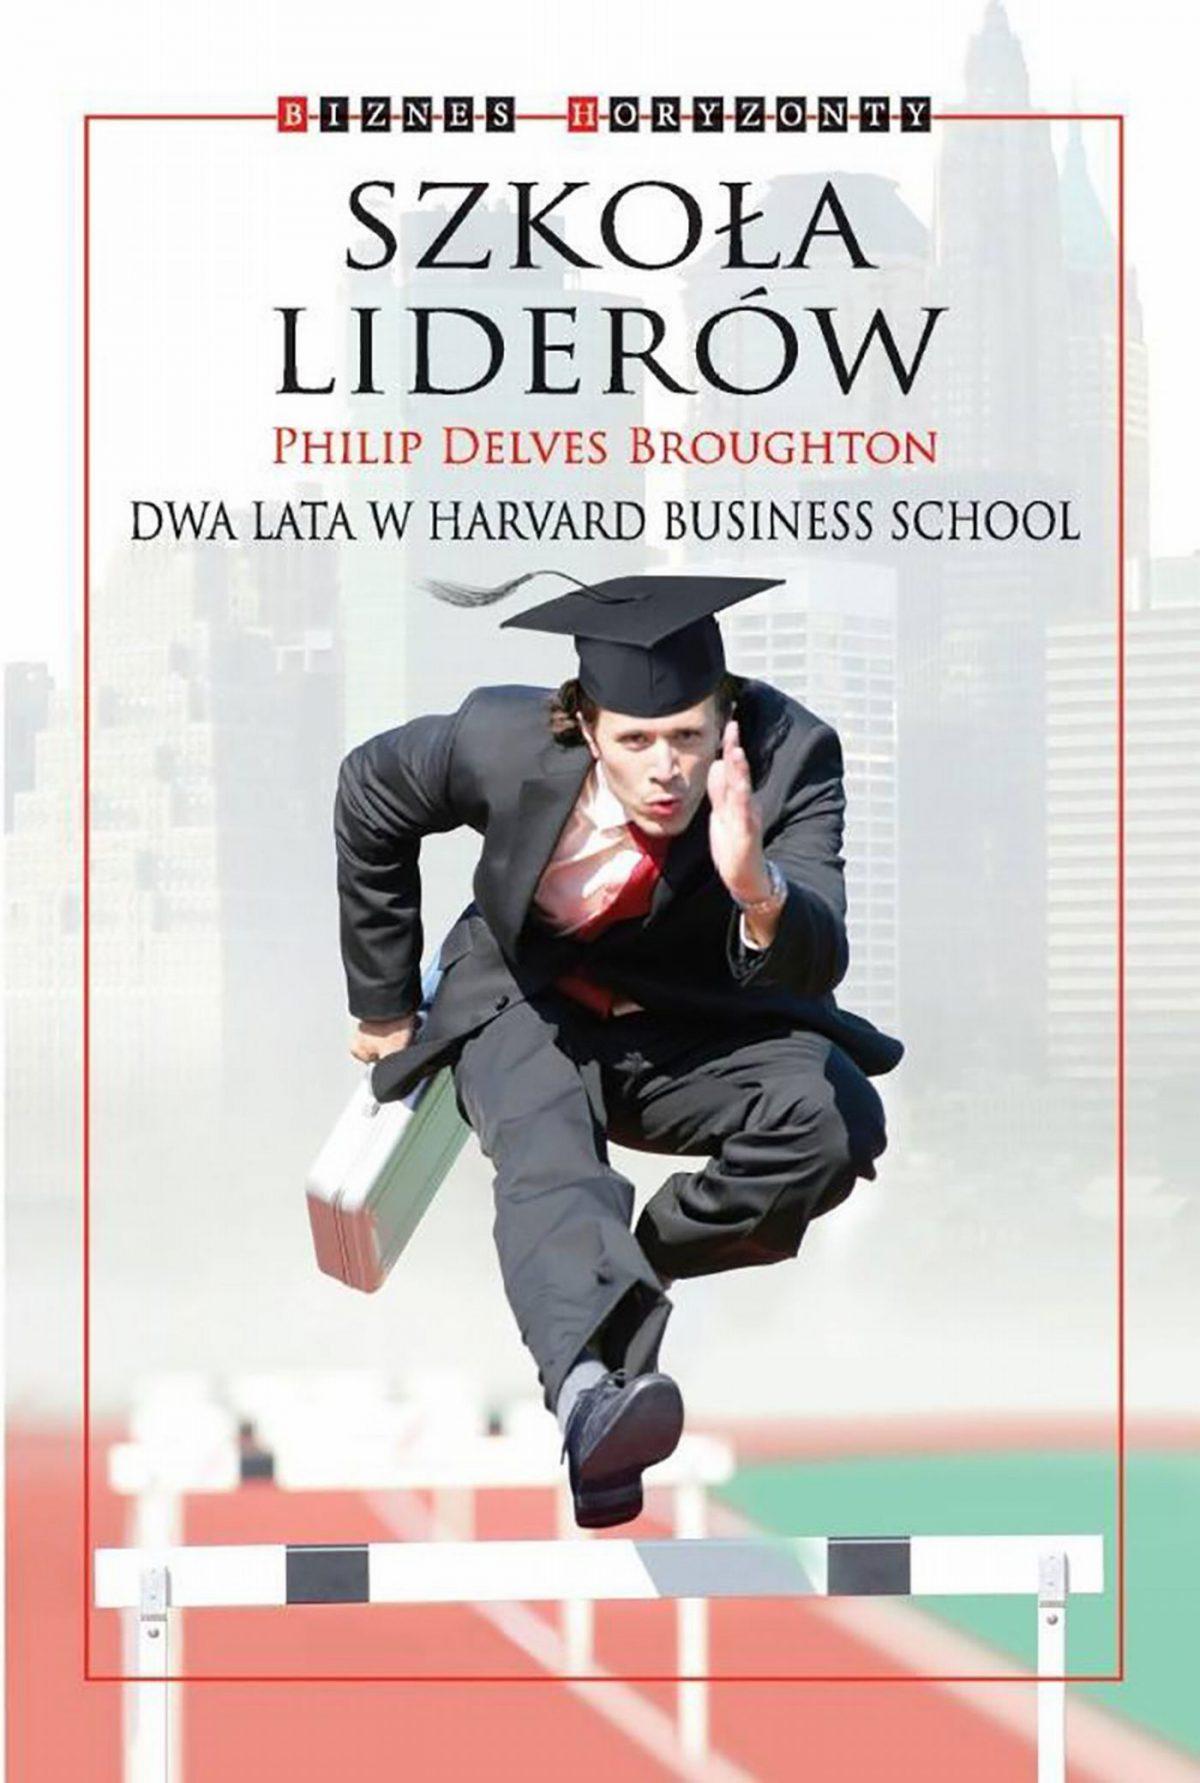 Szkoła liderów - Ebook (Książka EPUB) do pobrania w formacie EPUB